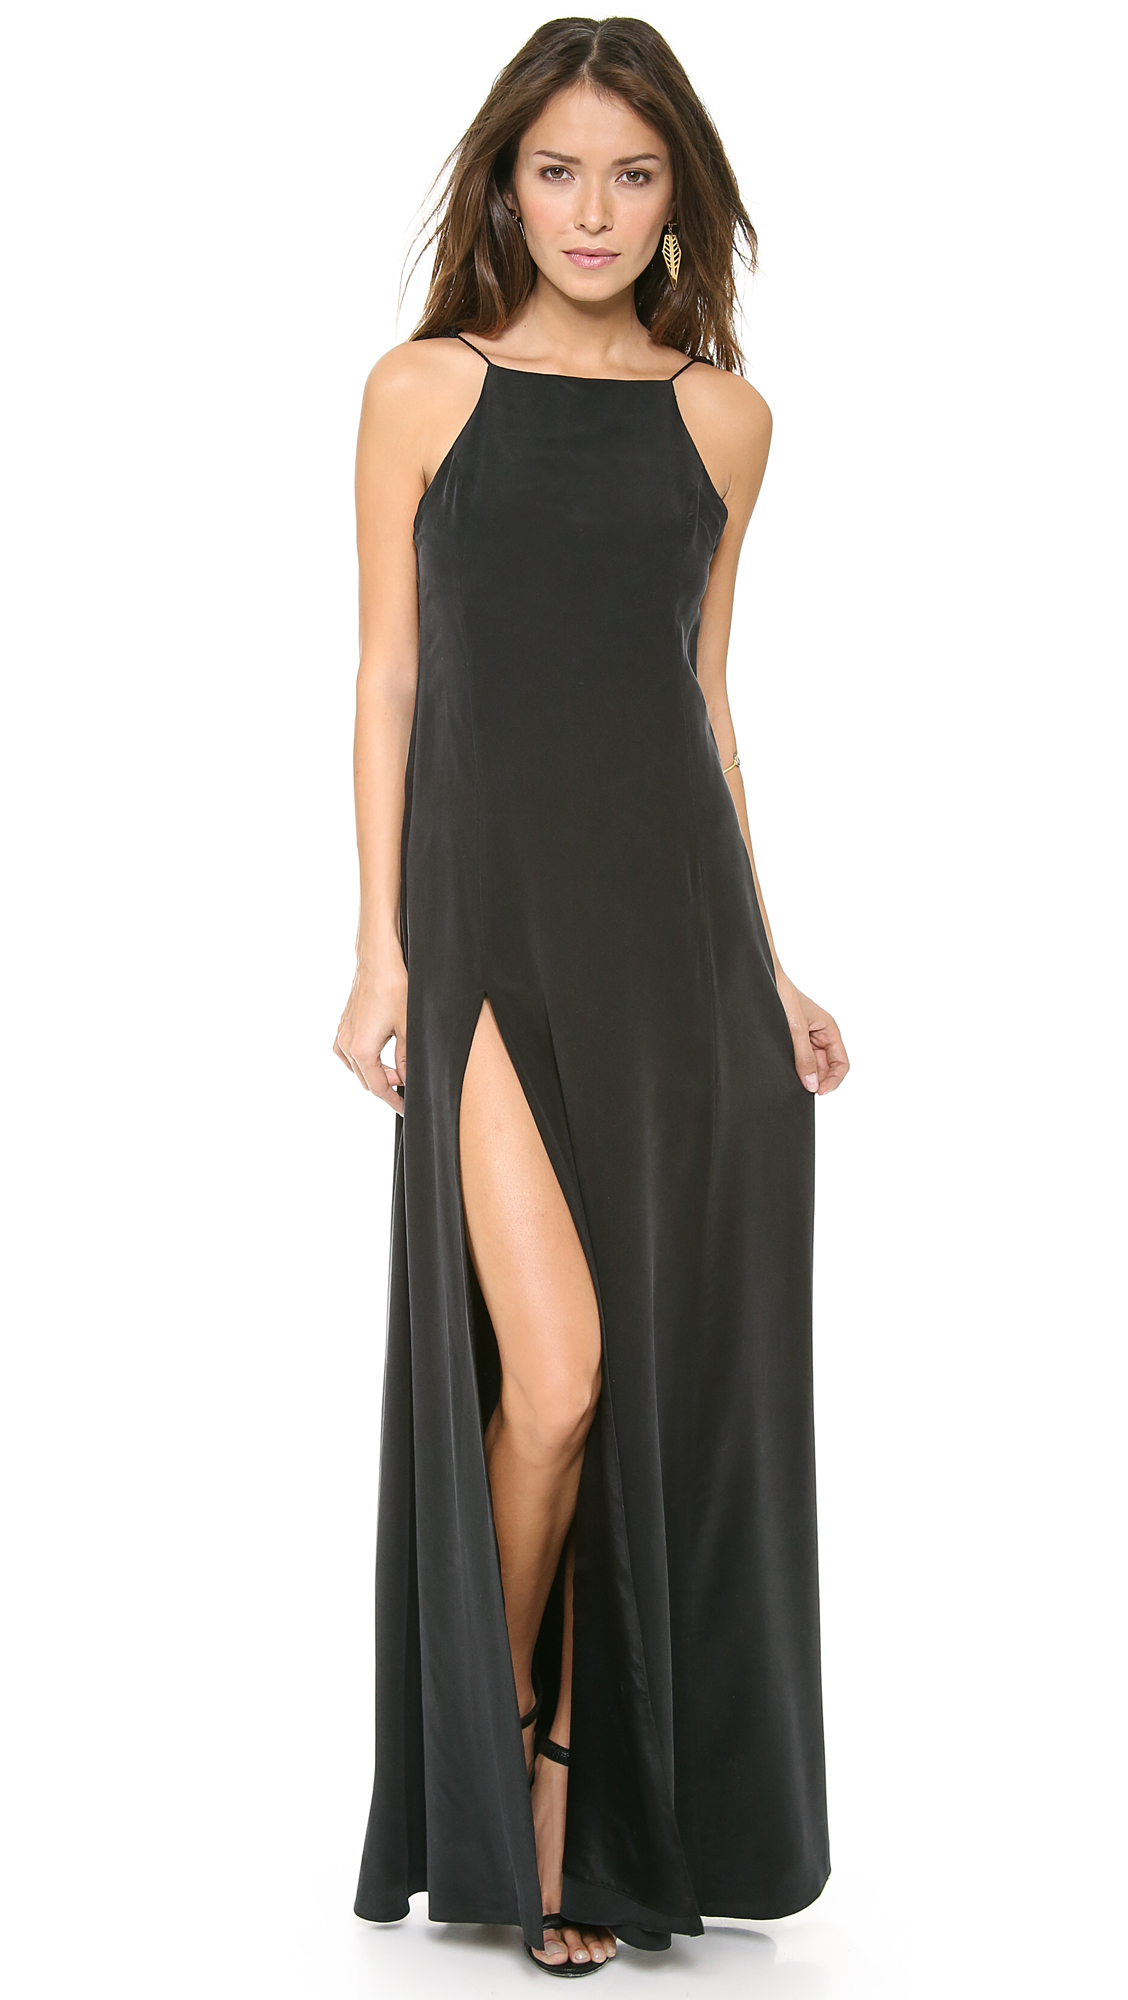 Carmella portia maxi dress